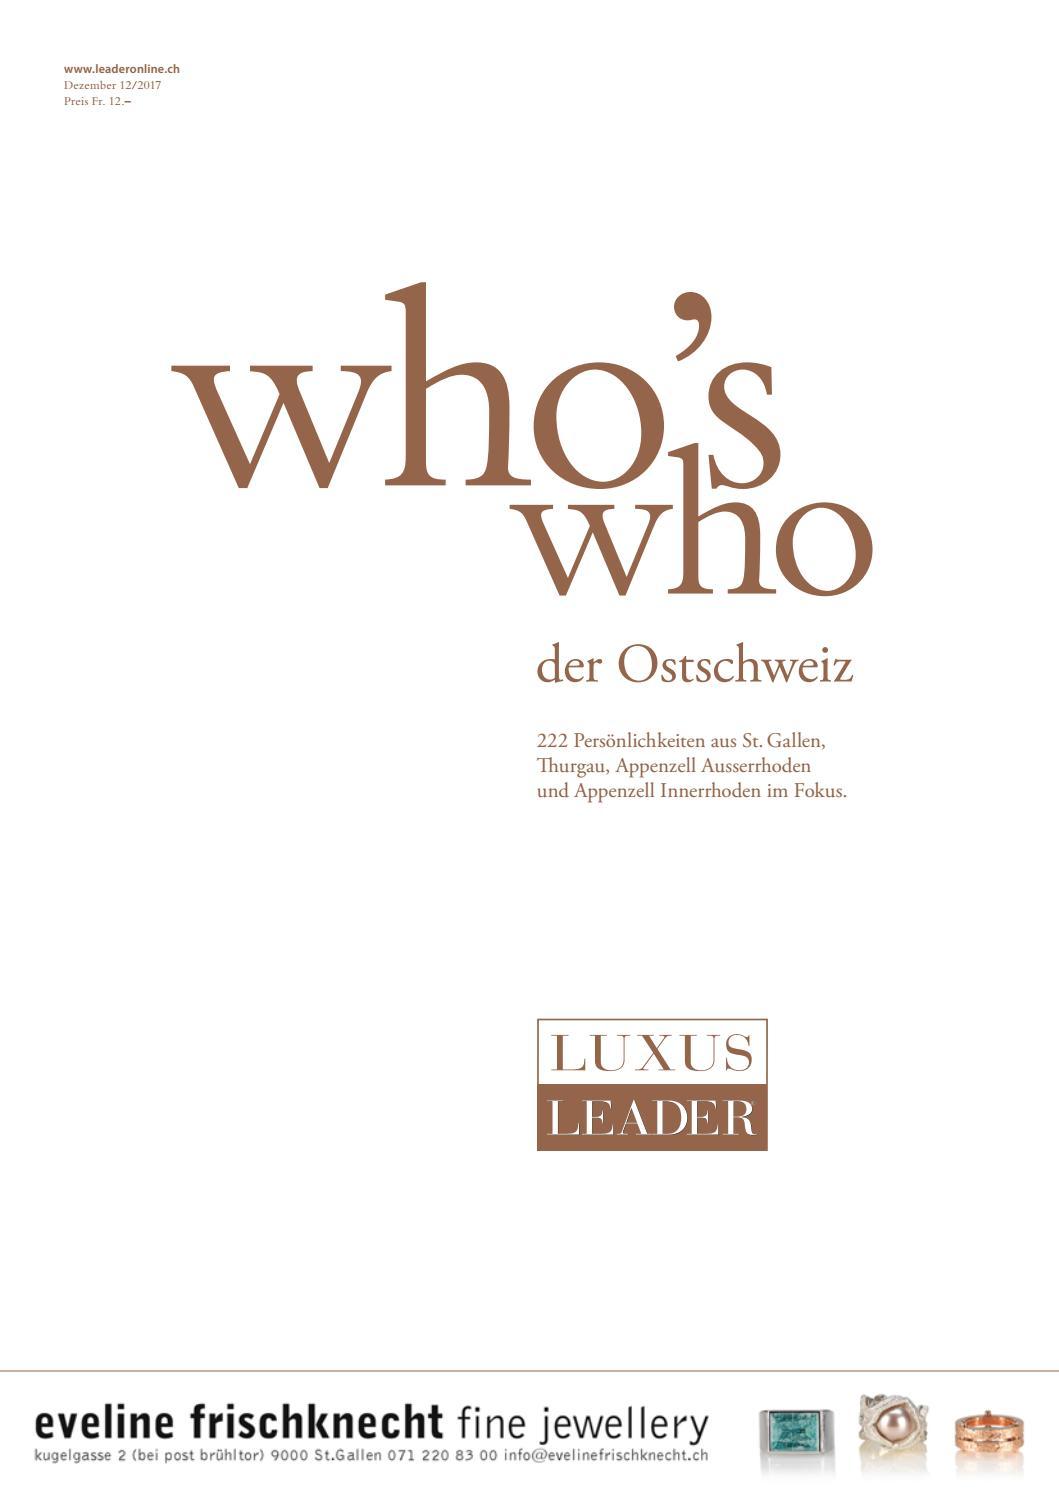 who\'s who Ostschweiz 2017 by LEADER - das Unternehmermagazin - issuu